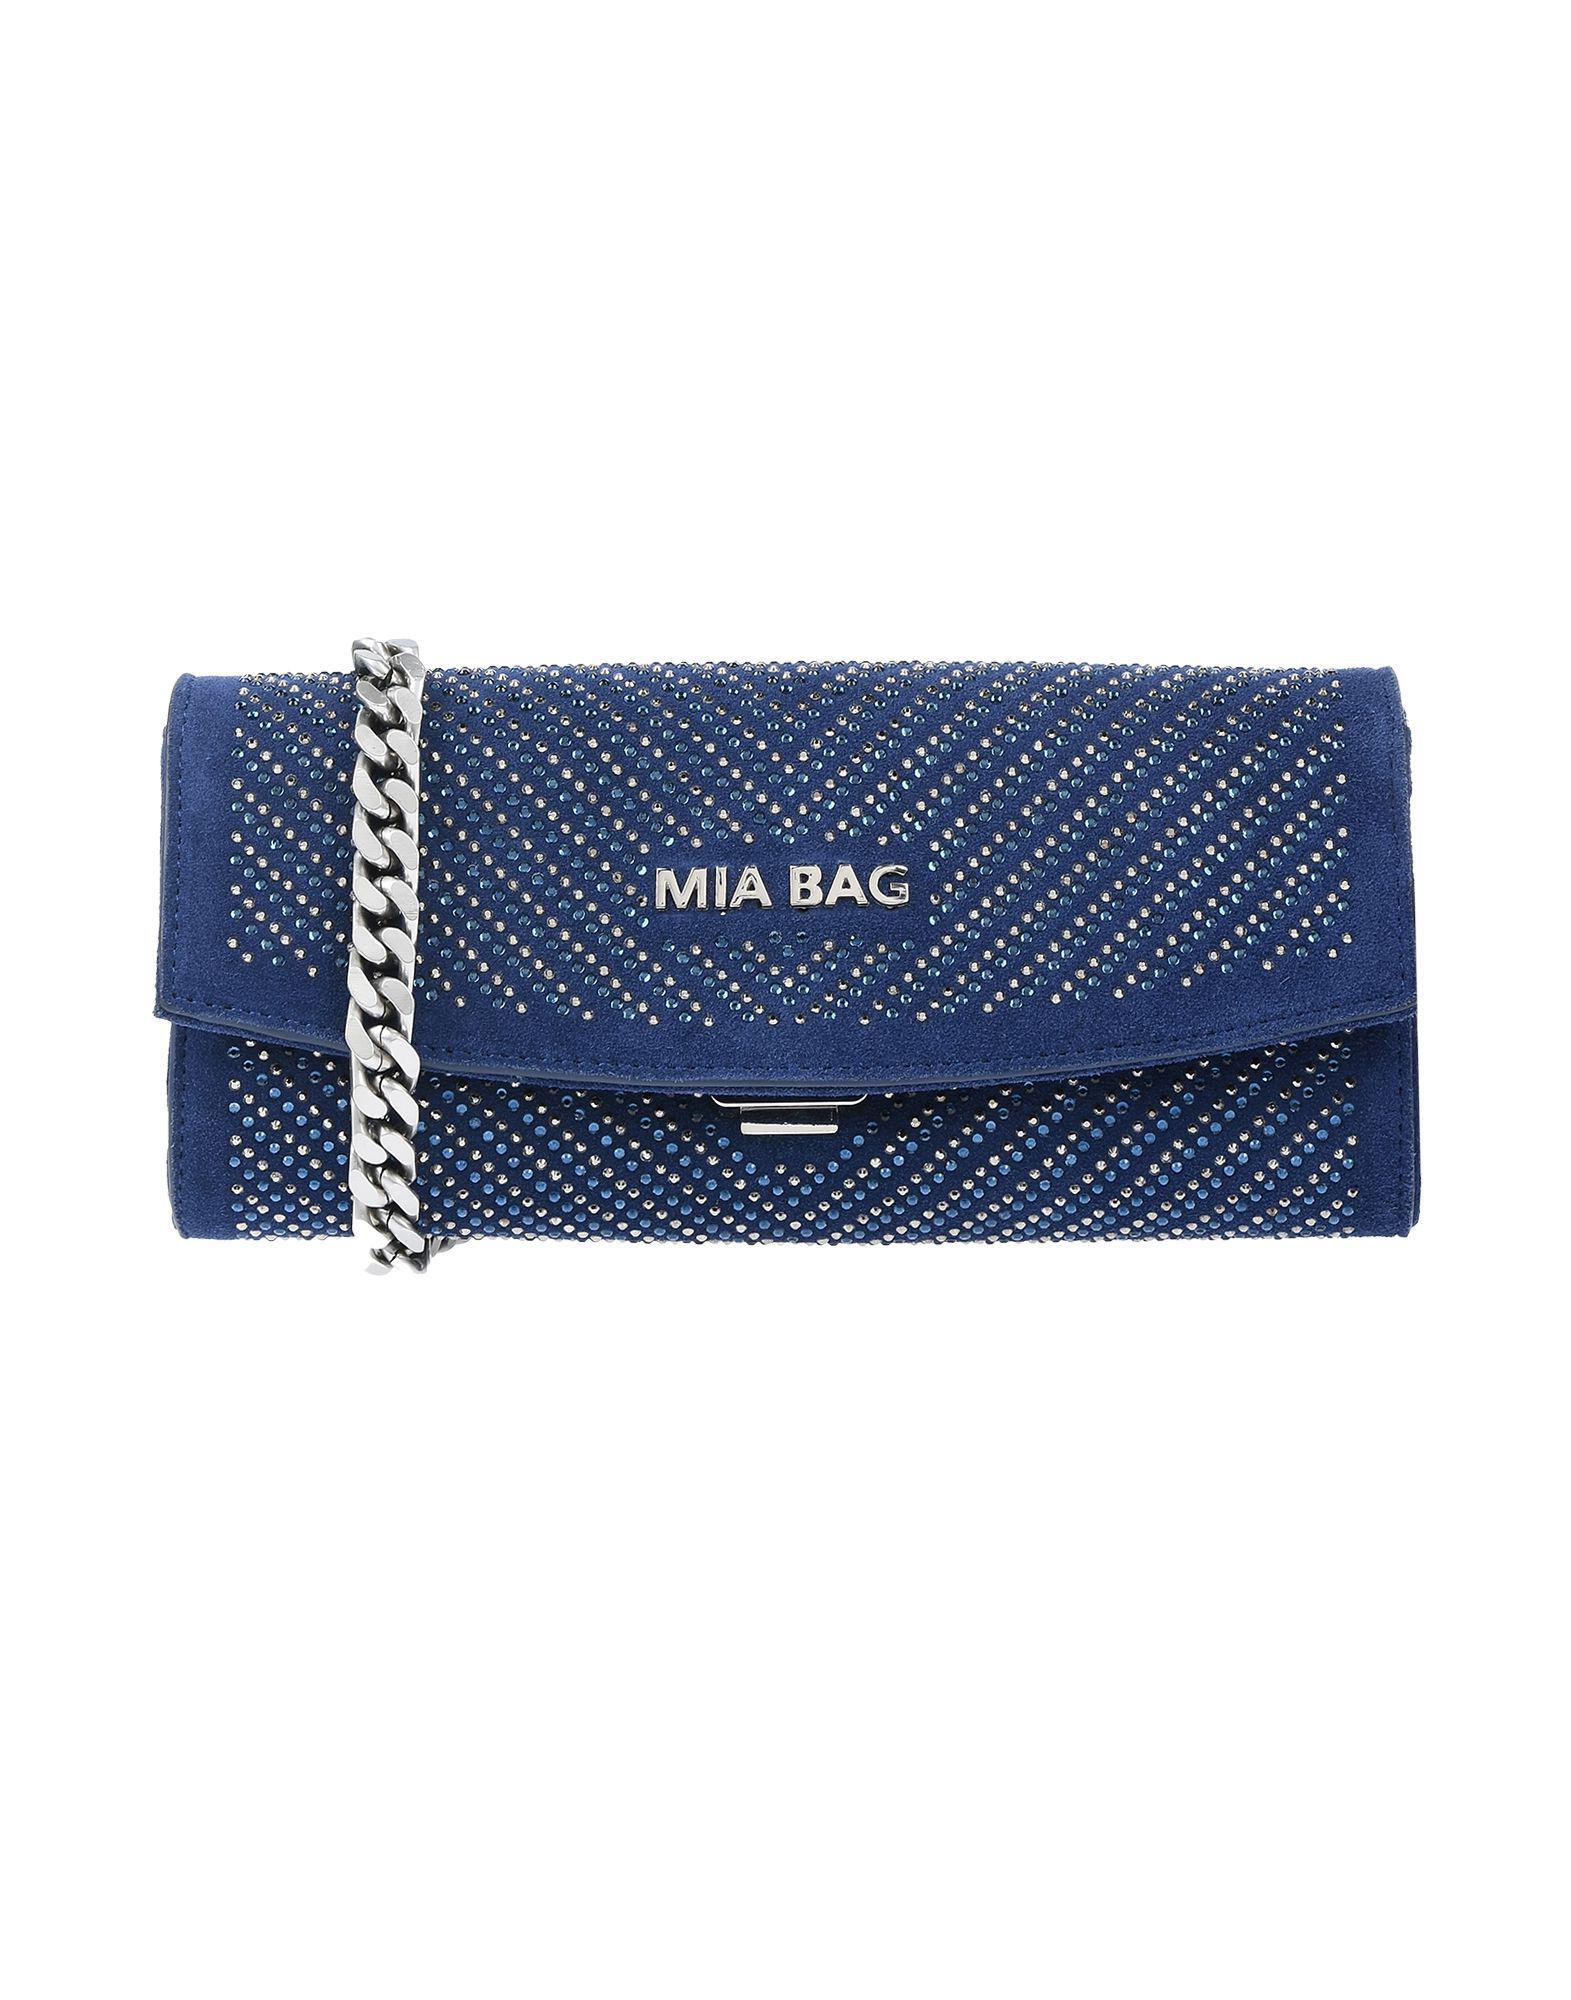 nuovo prodotto 1be62 1e63c Lyst - Mia Bag Handbag in Blue